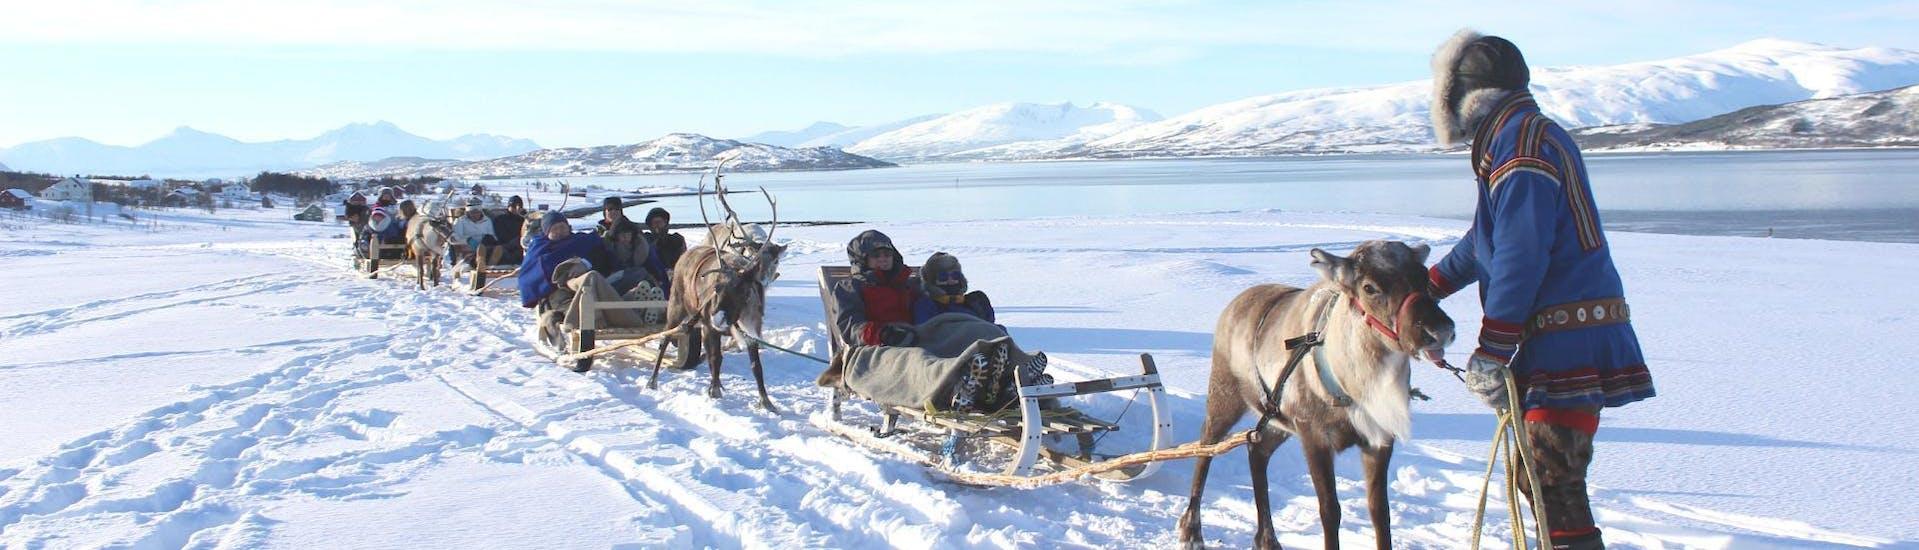 People are enjoying the Reindeer Sledding in Tromsø & Sami Culture - Afternoon organised by Tromsø Arctic Reindeer.